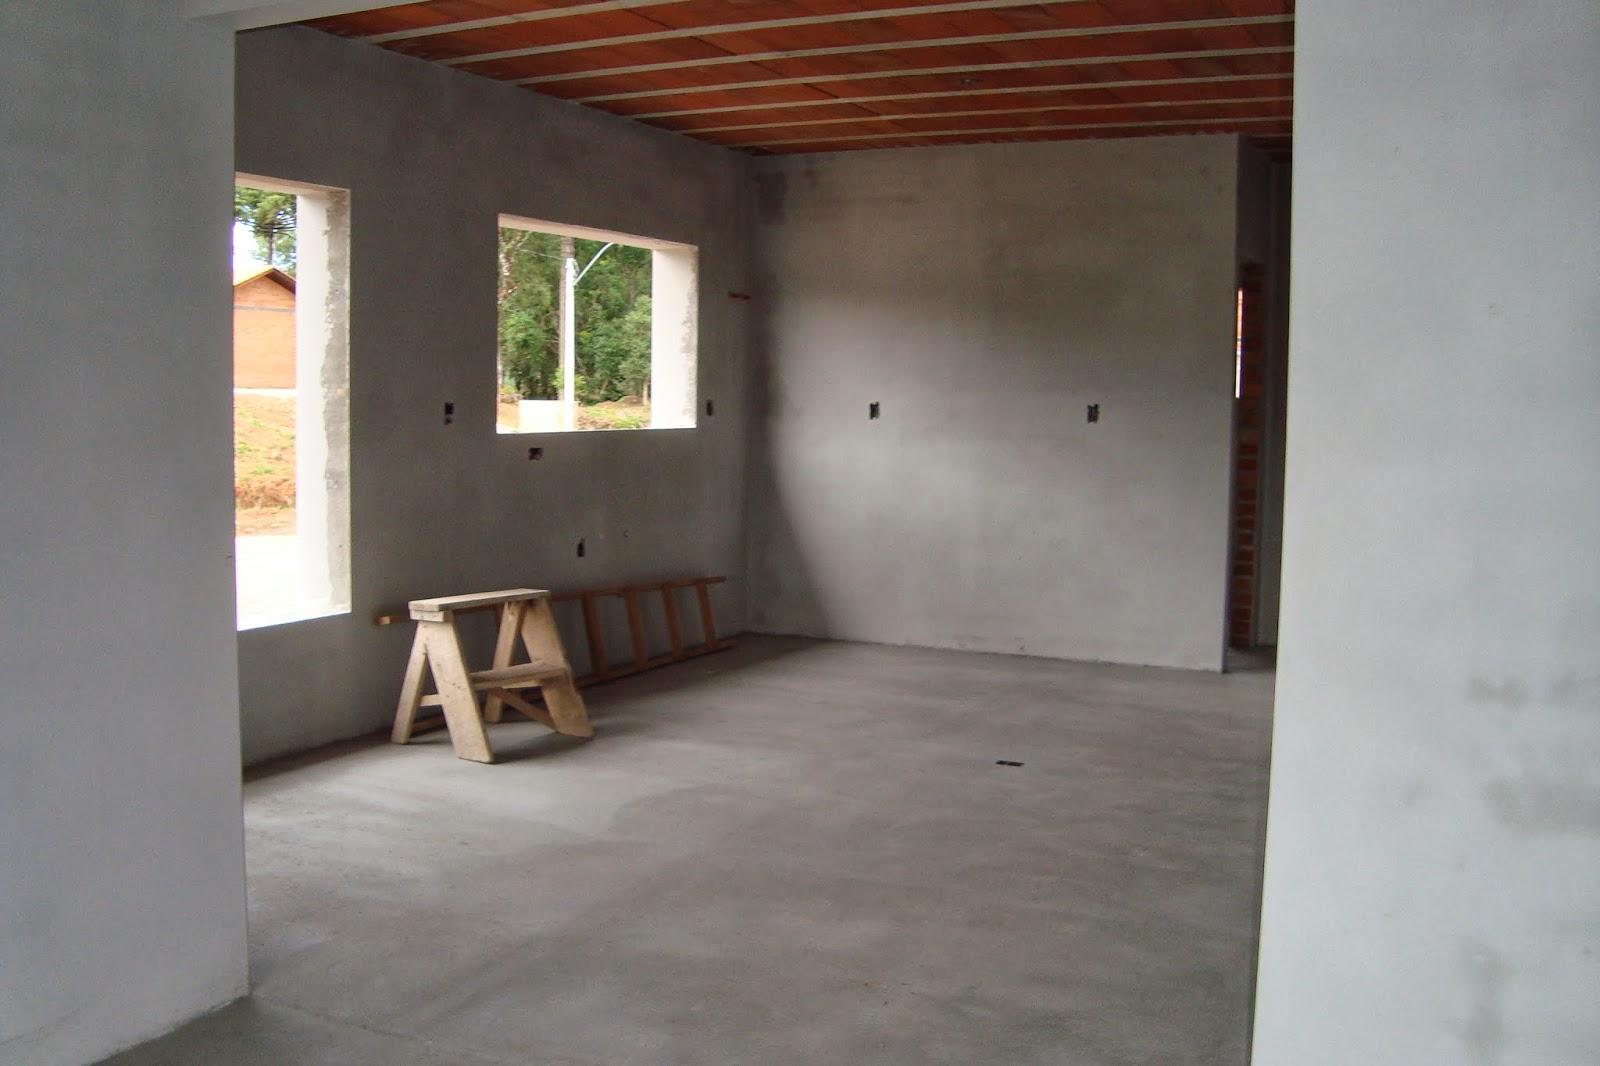 Casa da Claudia: Atualizando a Obra Reboco Parte Interna Finalizado #8B6E40 1600x1066 Banheiro Com Janela Interna